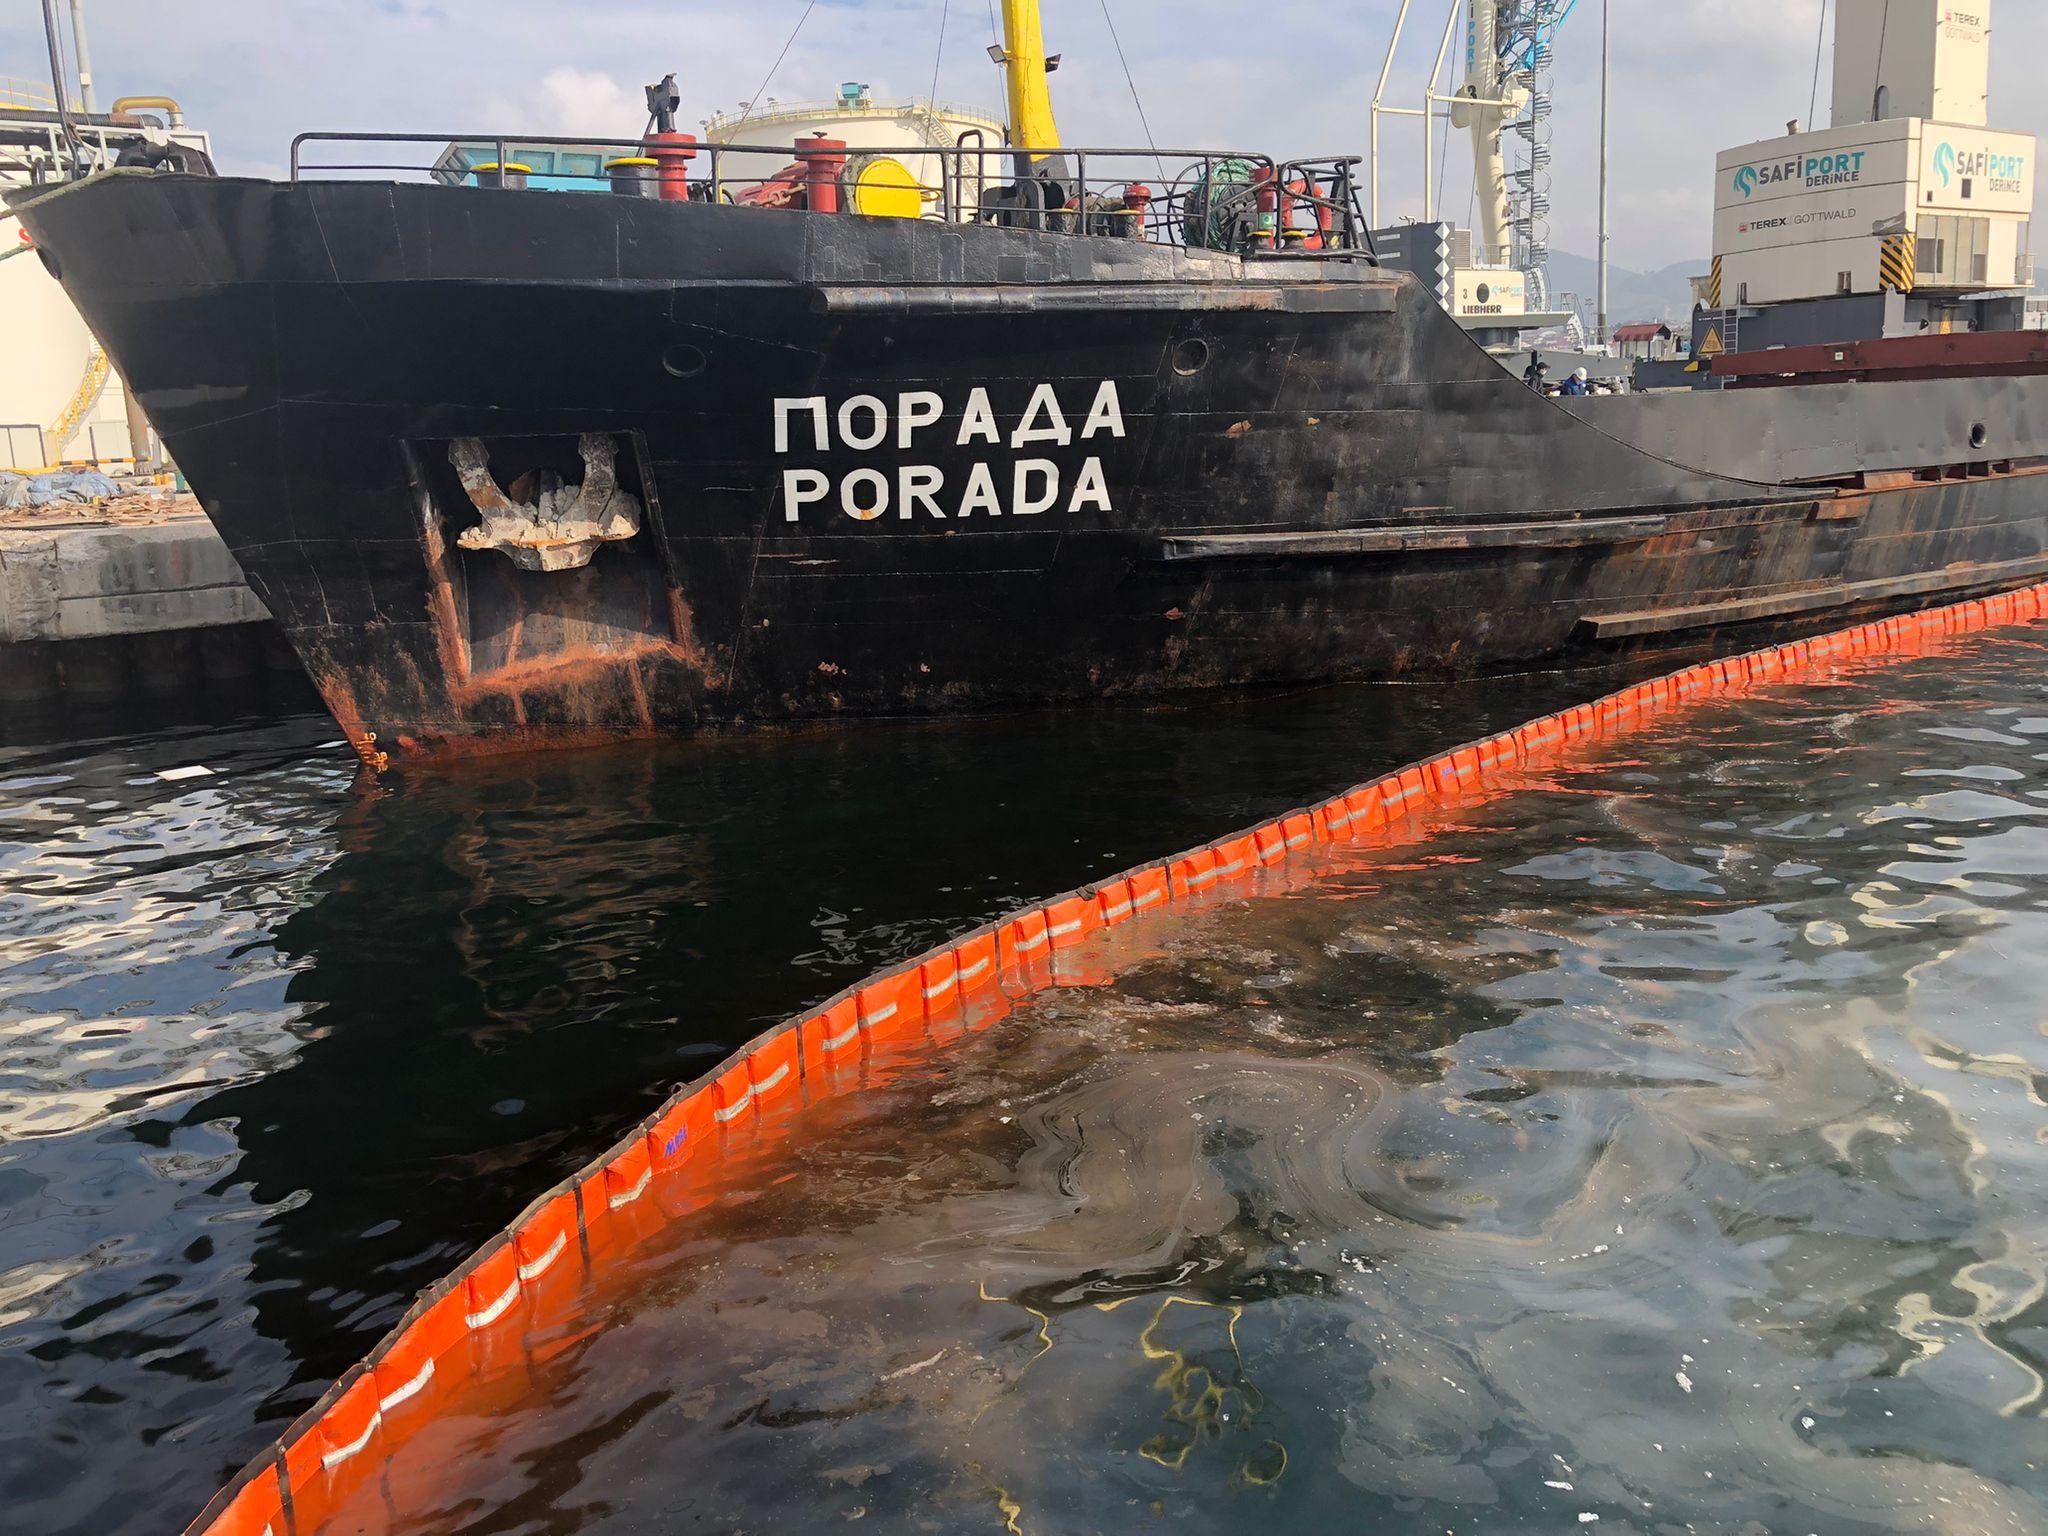 Derince Limanı'nda Körfezikirleten gemiye 1 milyon 286 bin TL ceza